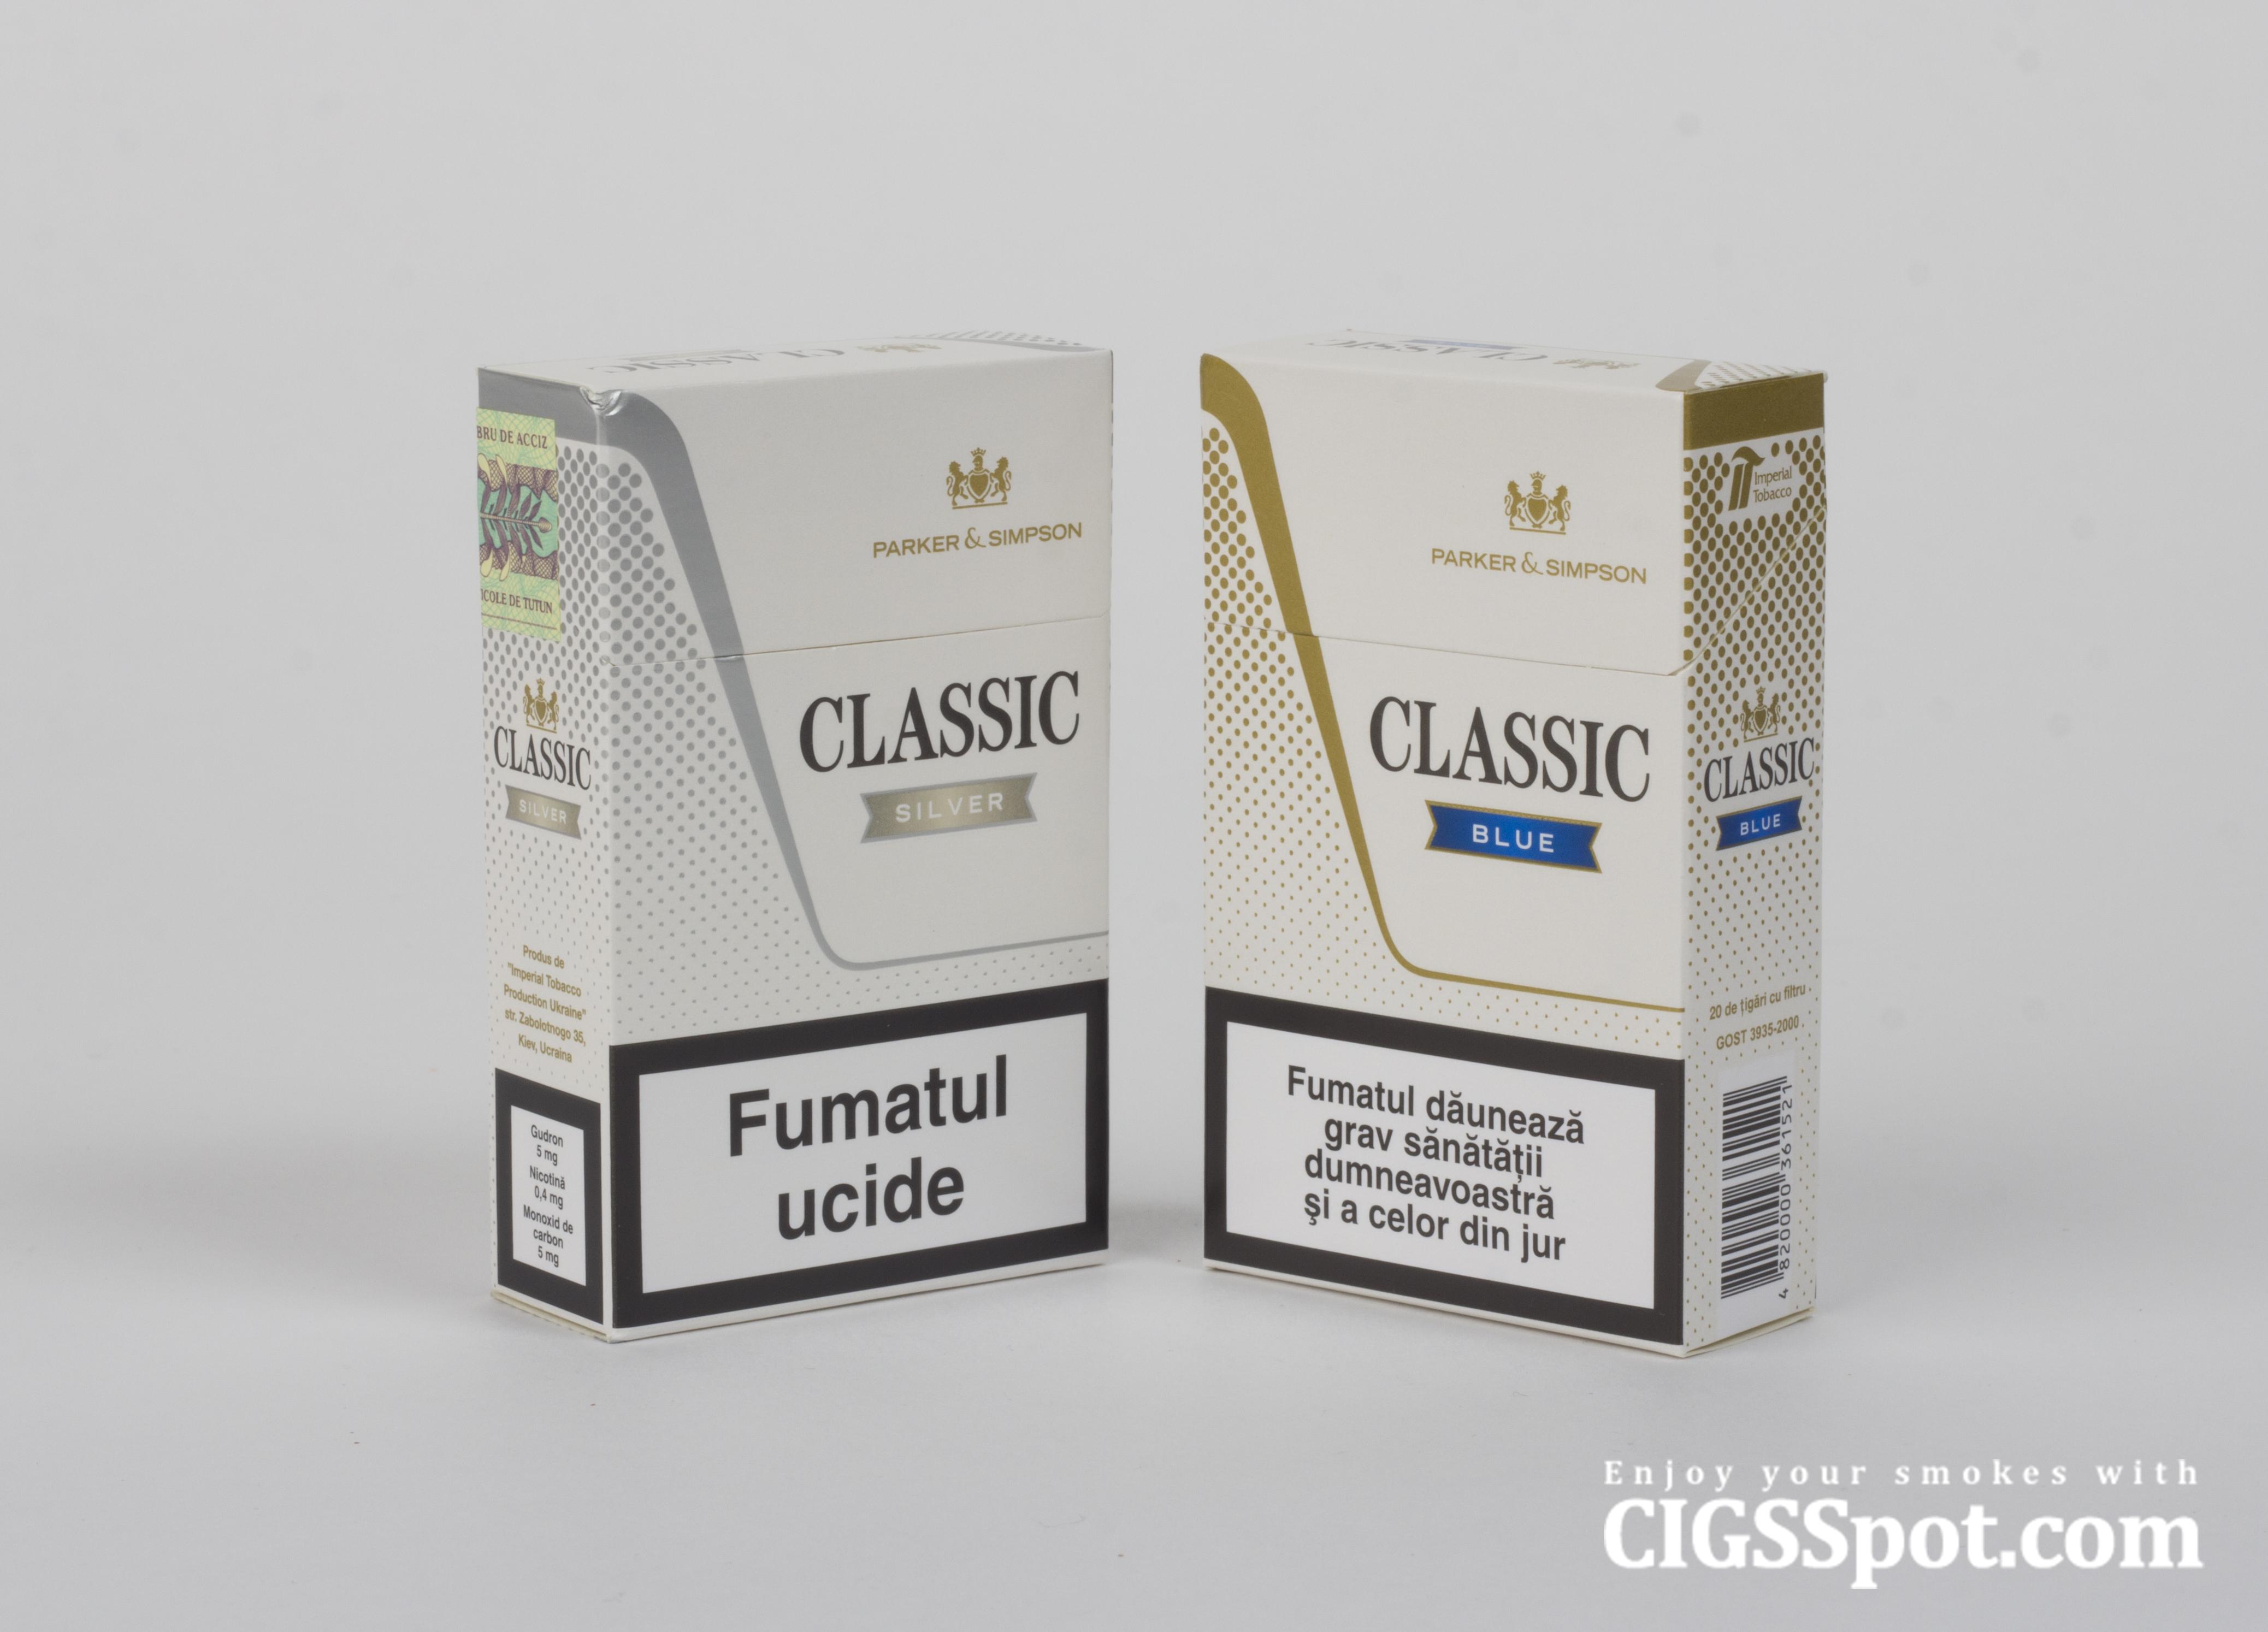 Classic Cigarettes